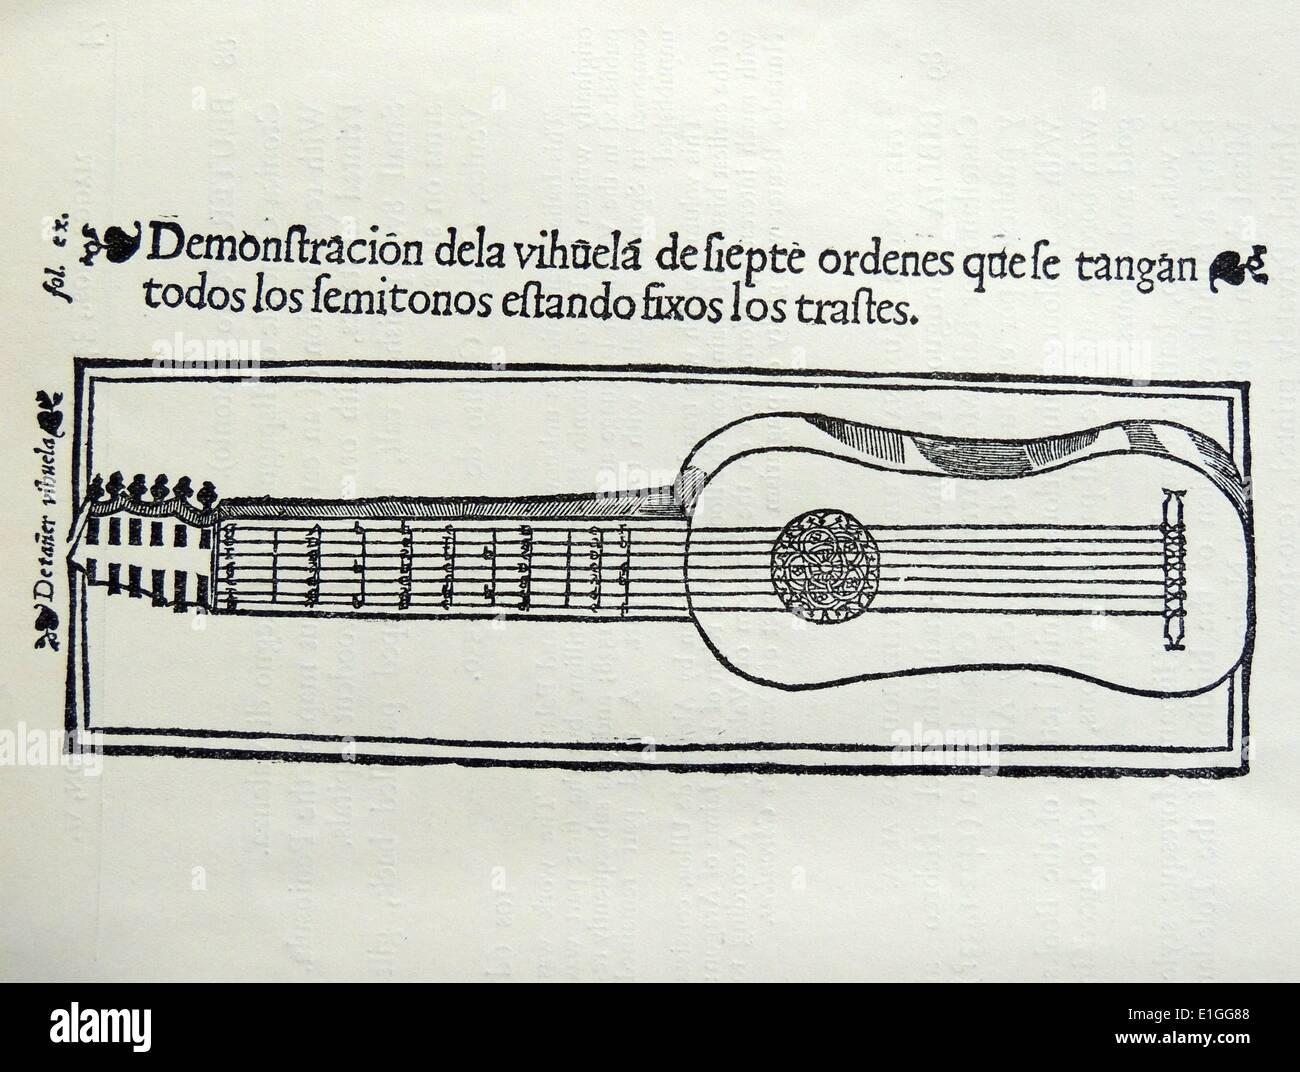 Holzschnitt von Bermudo Declaracio de Instrumentos Musicales. Oussuna. Vom Jahre 1555 Stockbild